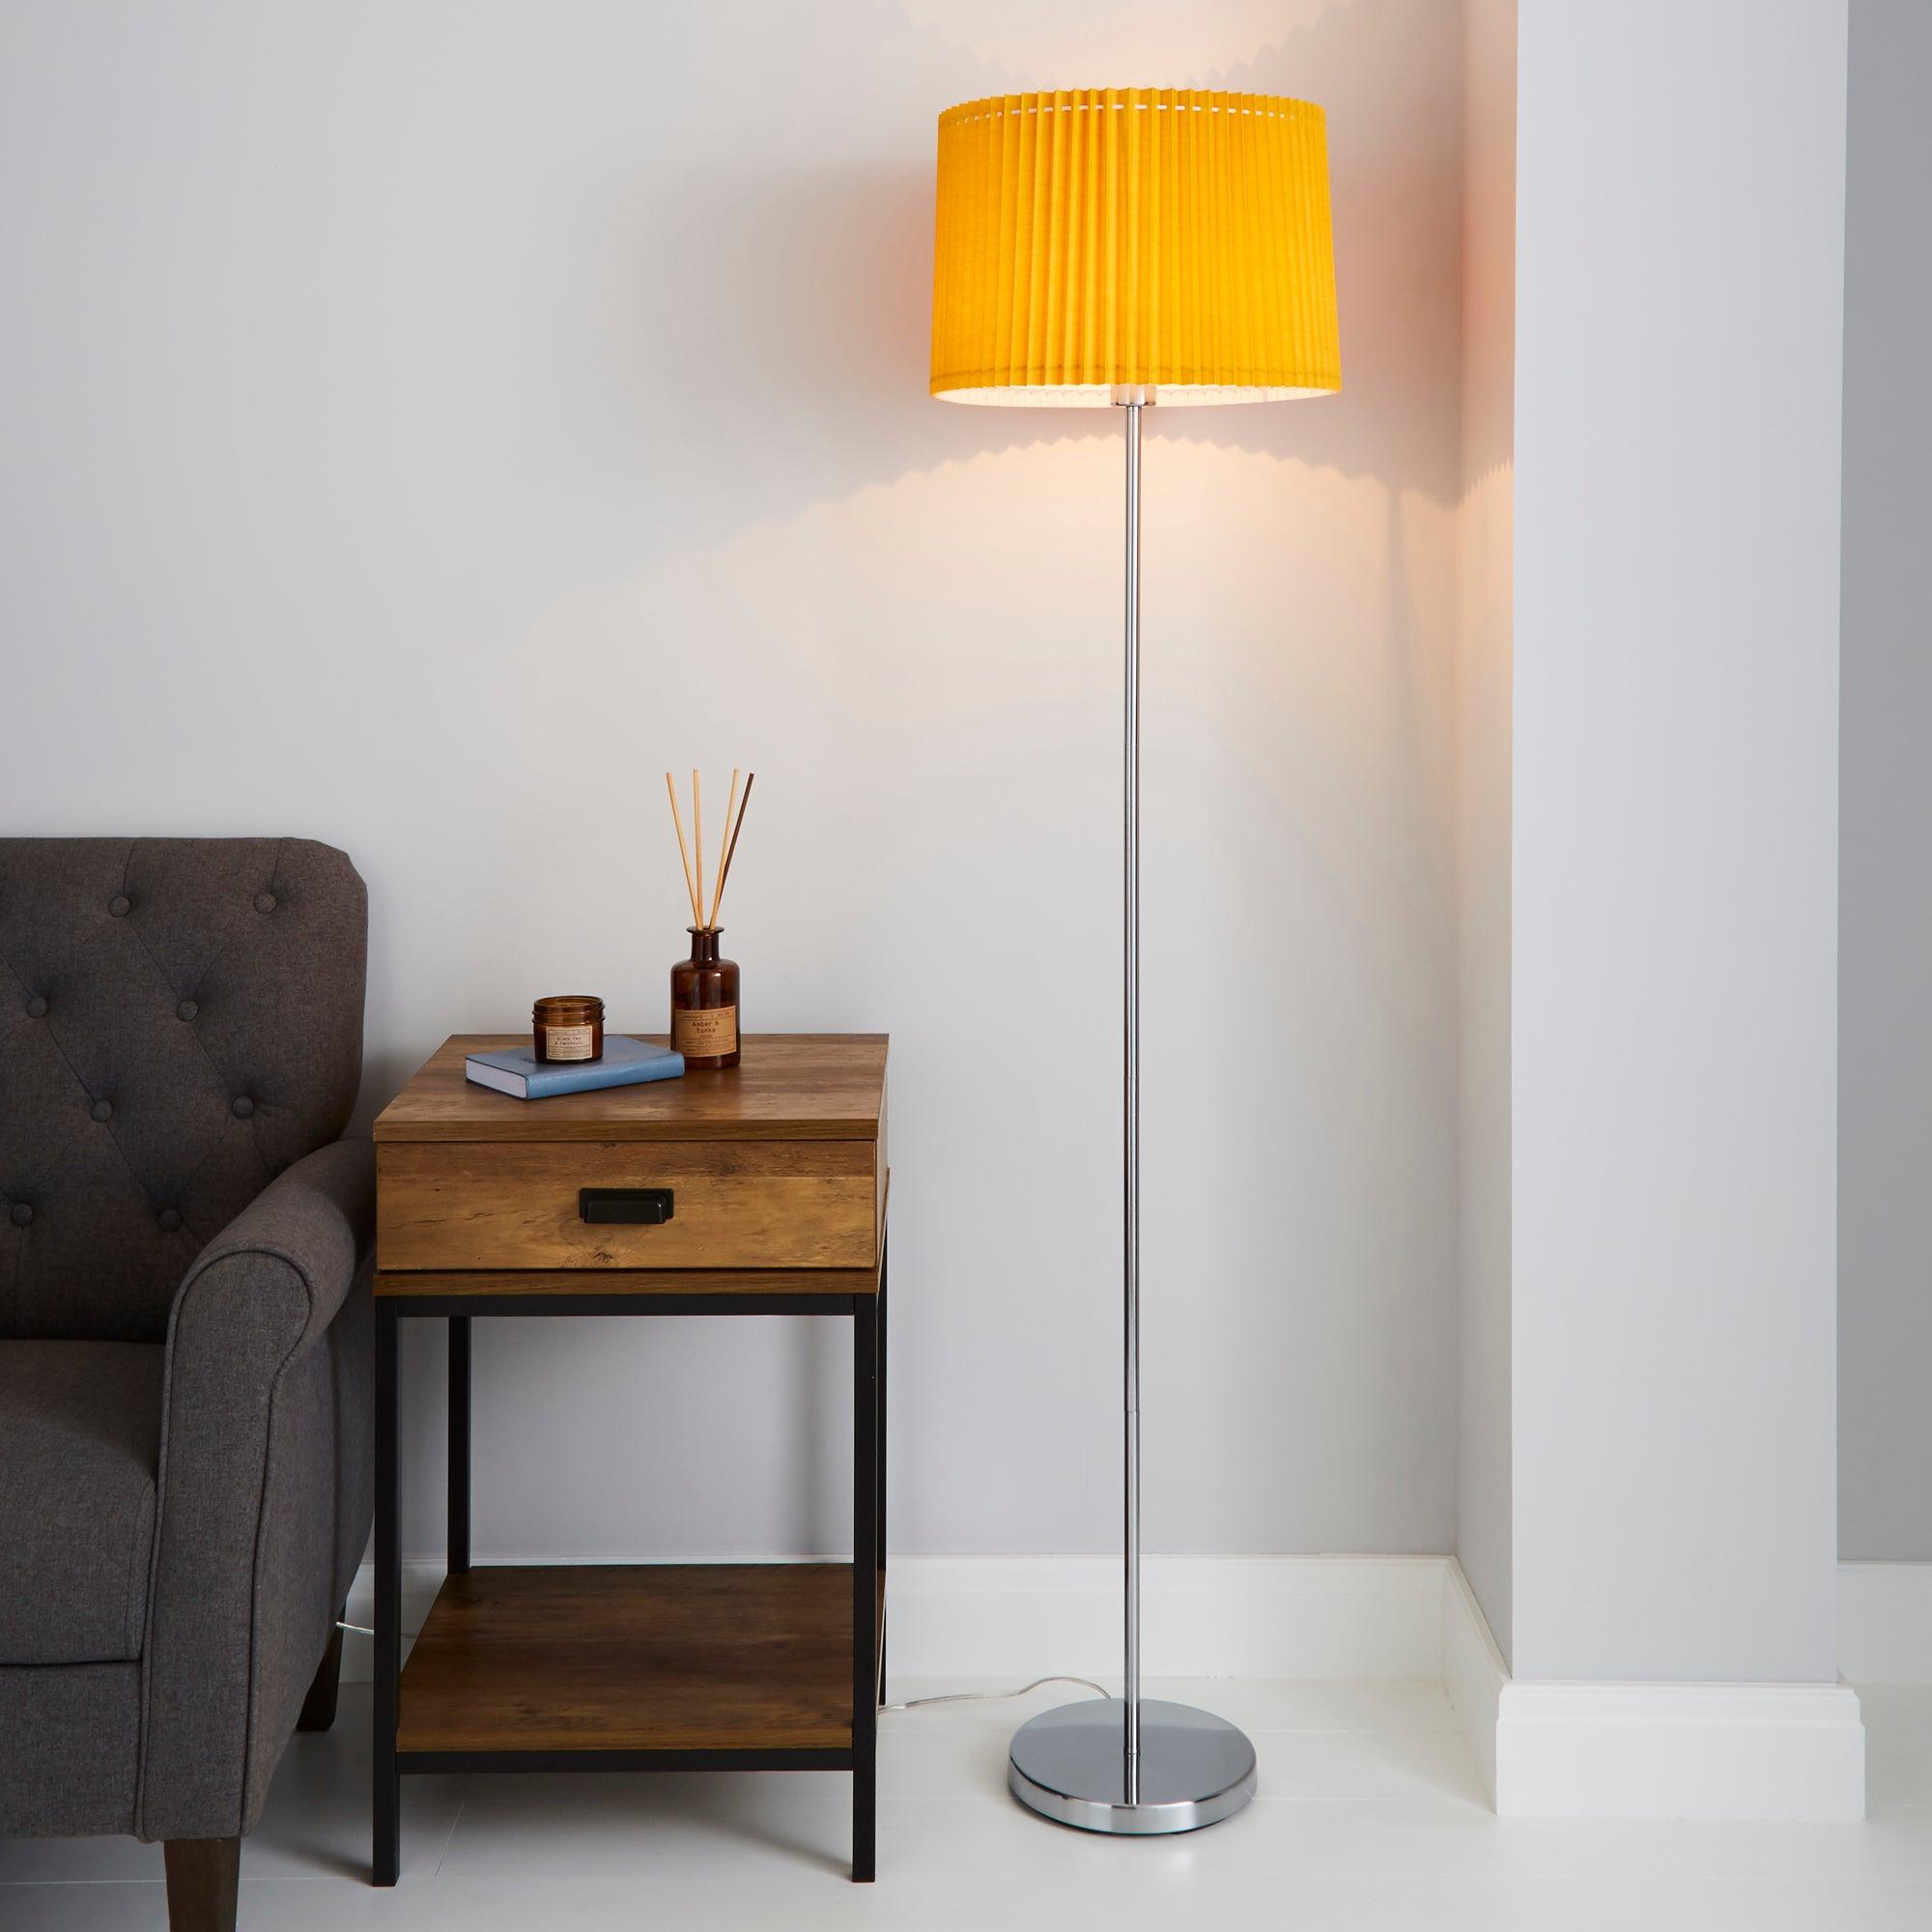 Fuller Ochre Floor Lamp Yellow and Grey